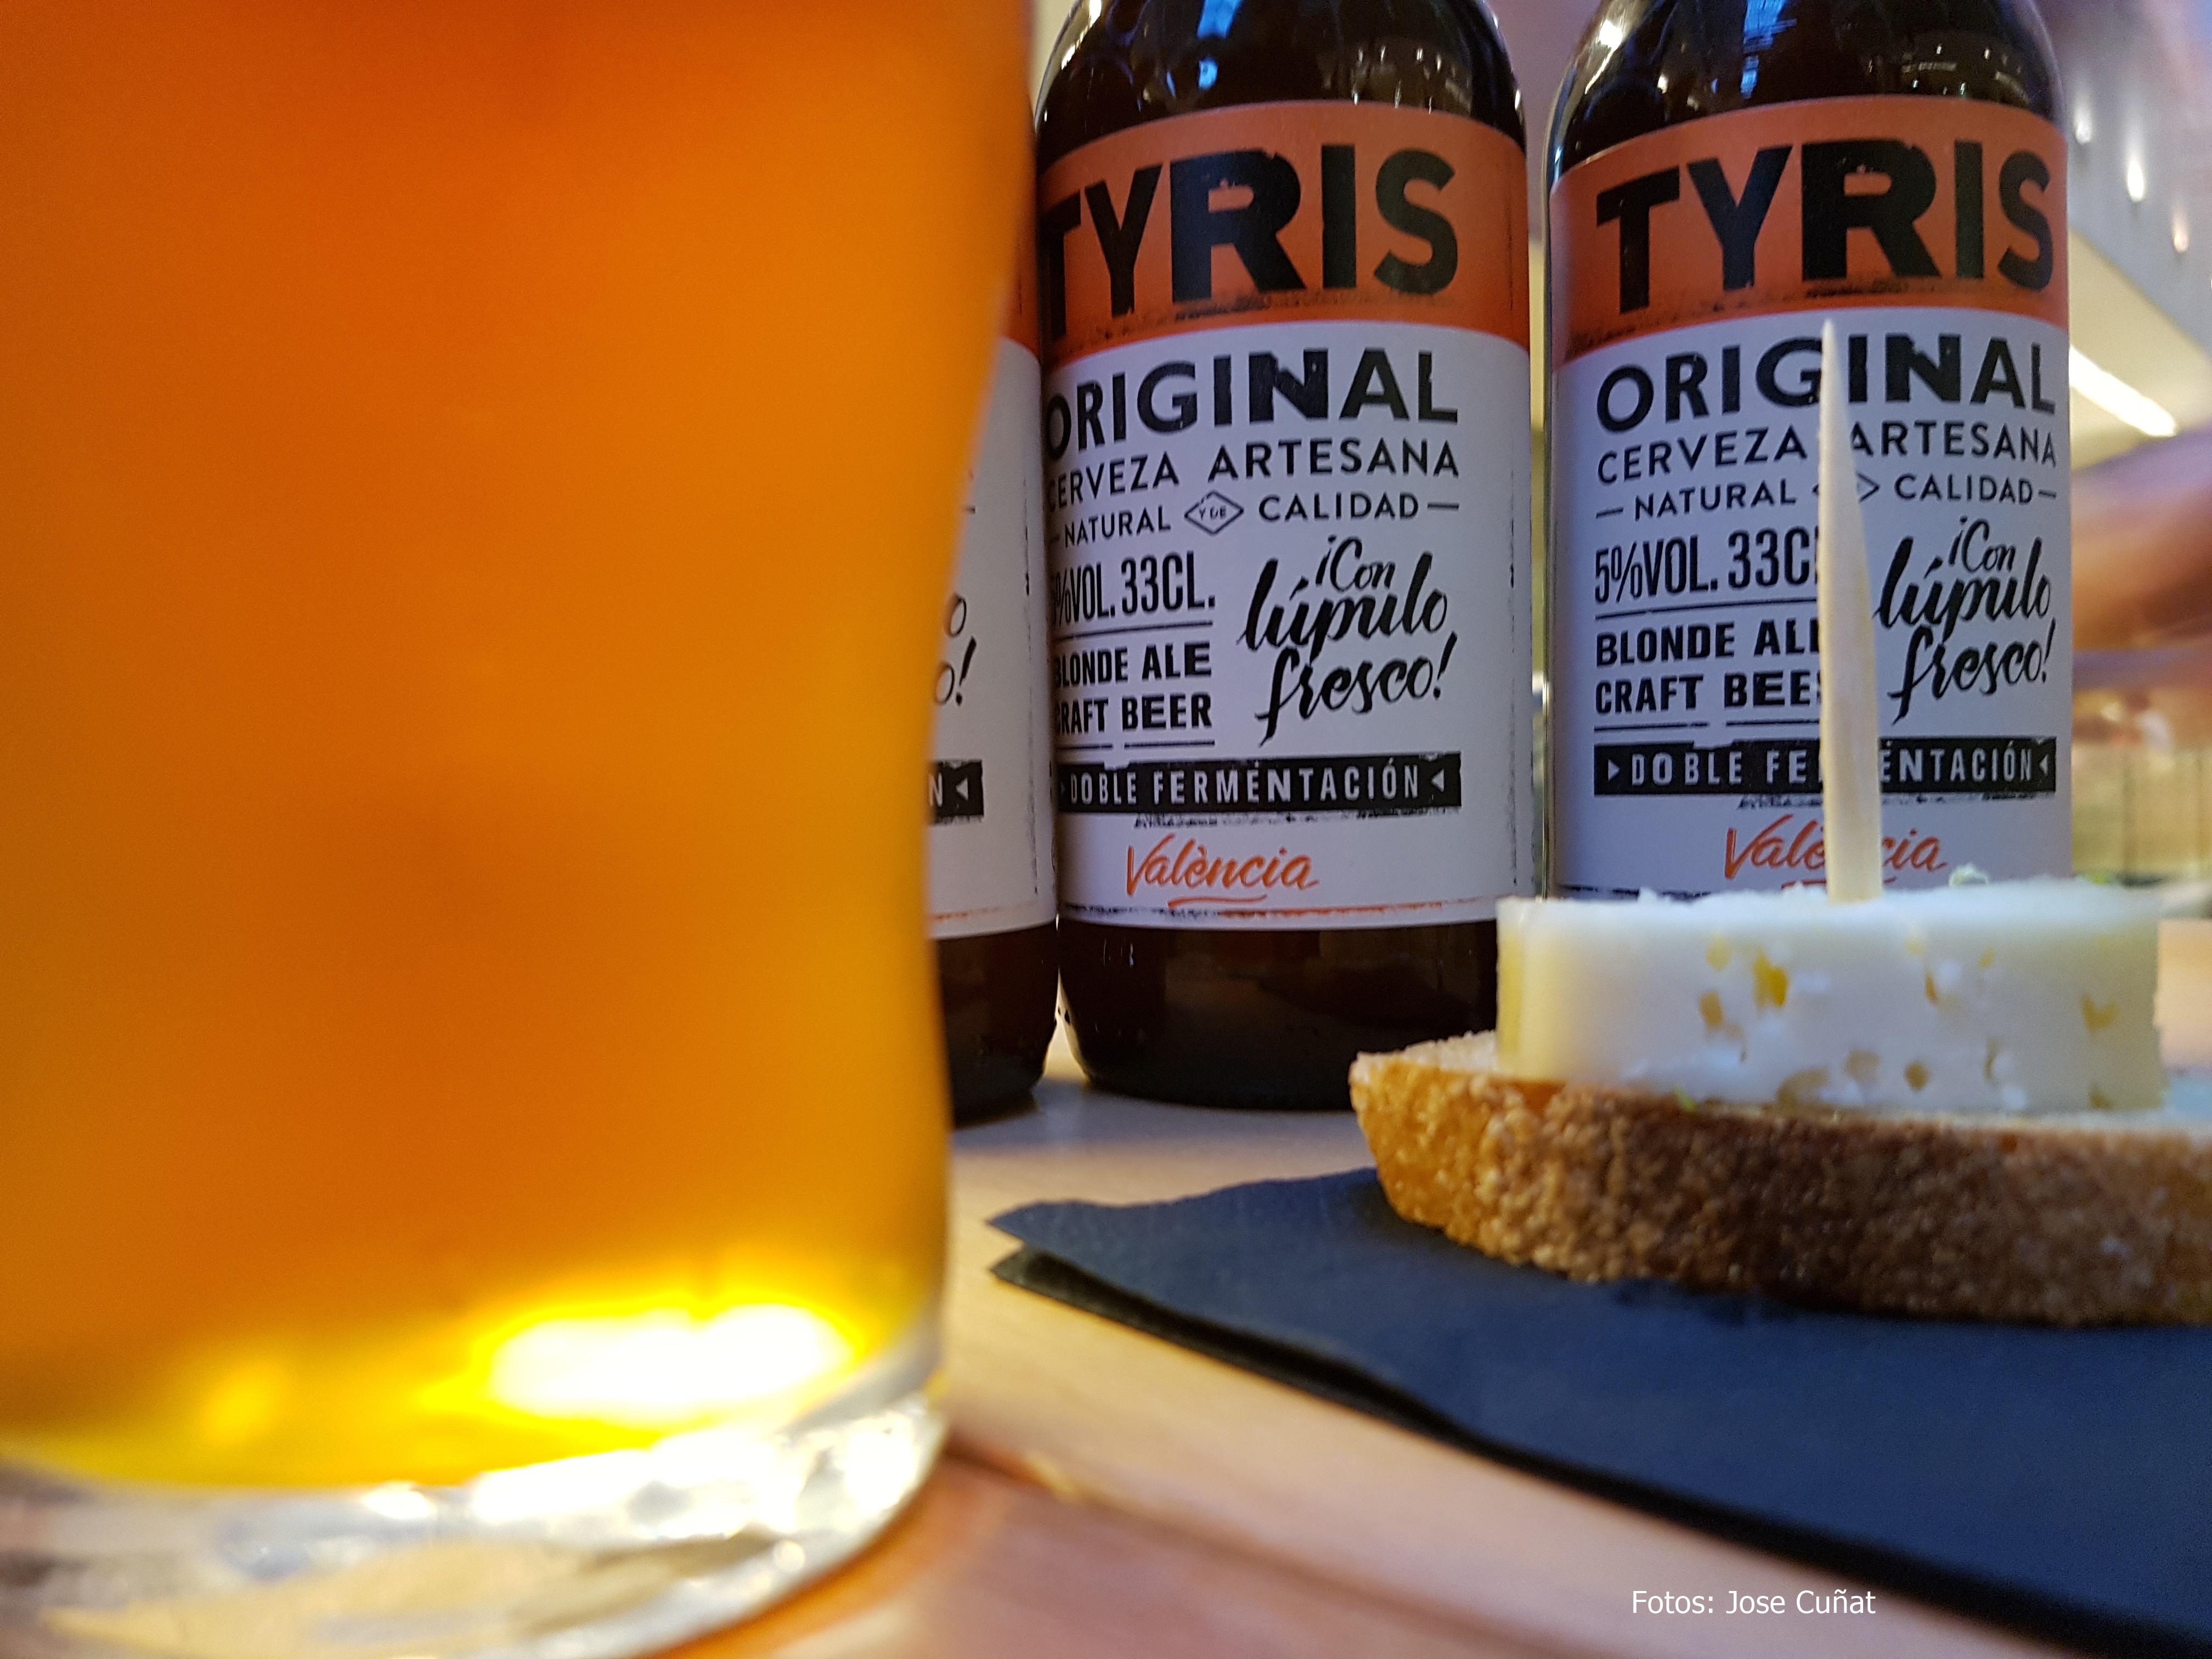 Craft Beer Day con la cerveza artesana Tyris y Las cervezas del Mercado